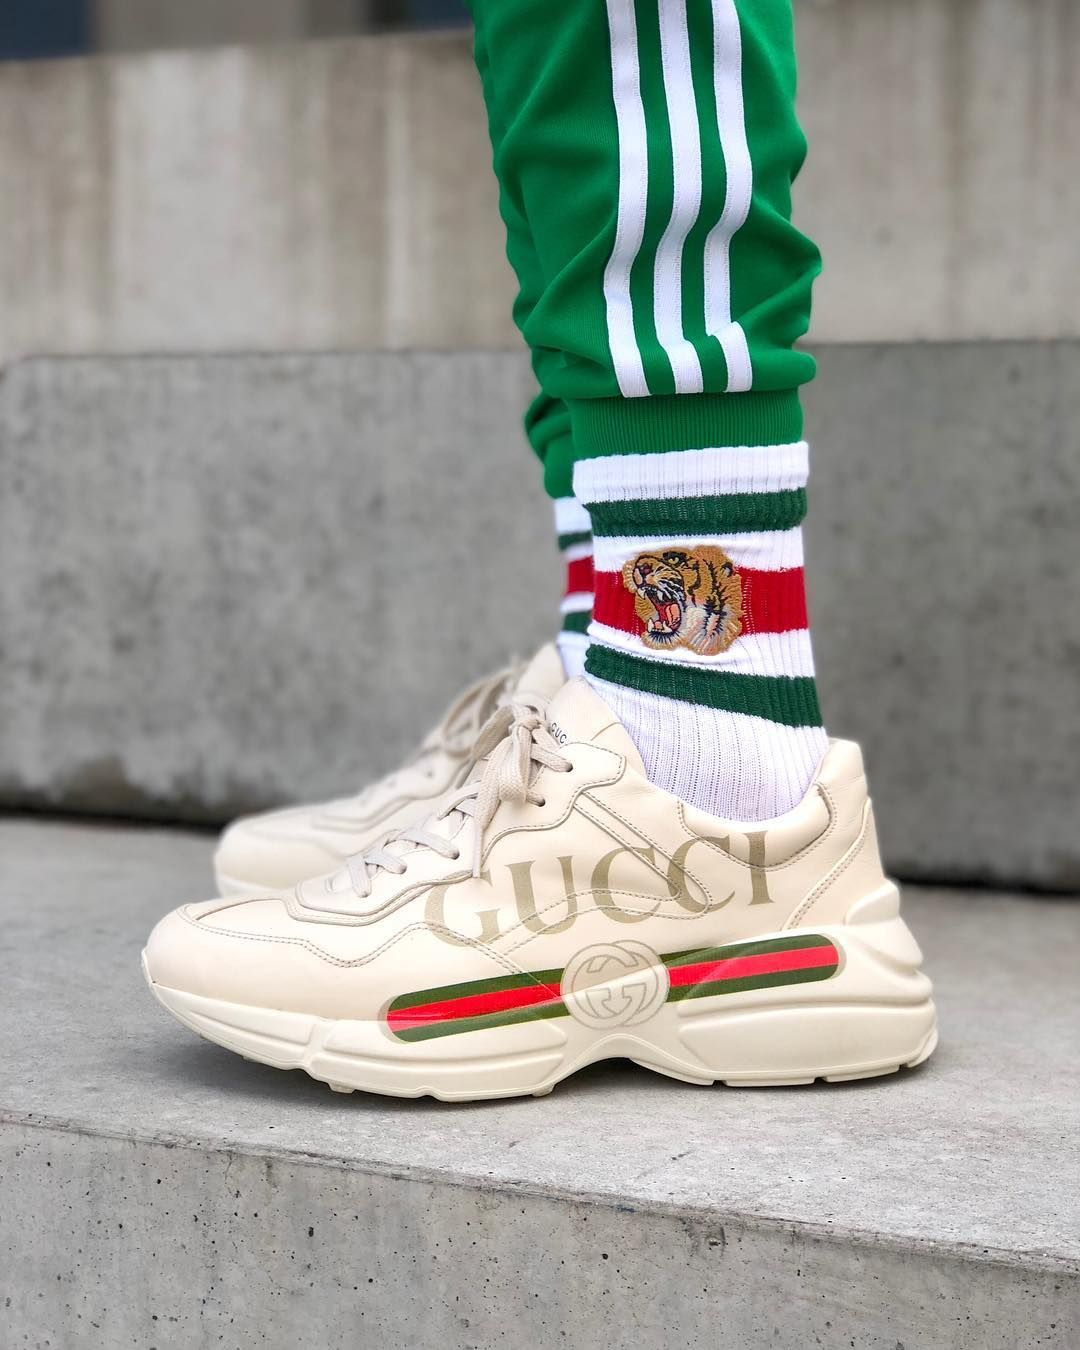 e2a6b6e5430c Rython GUCCI Logo Sneaker   -S H O E Z Z-   Pinterest   Shoes, Gucci ...